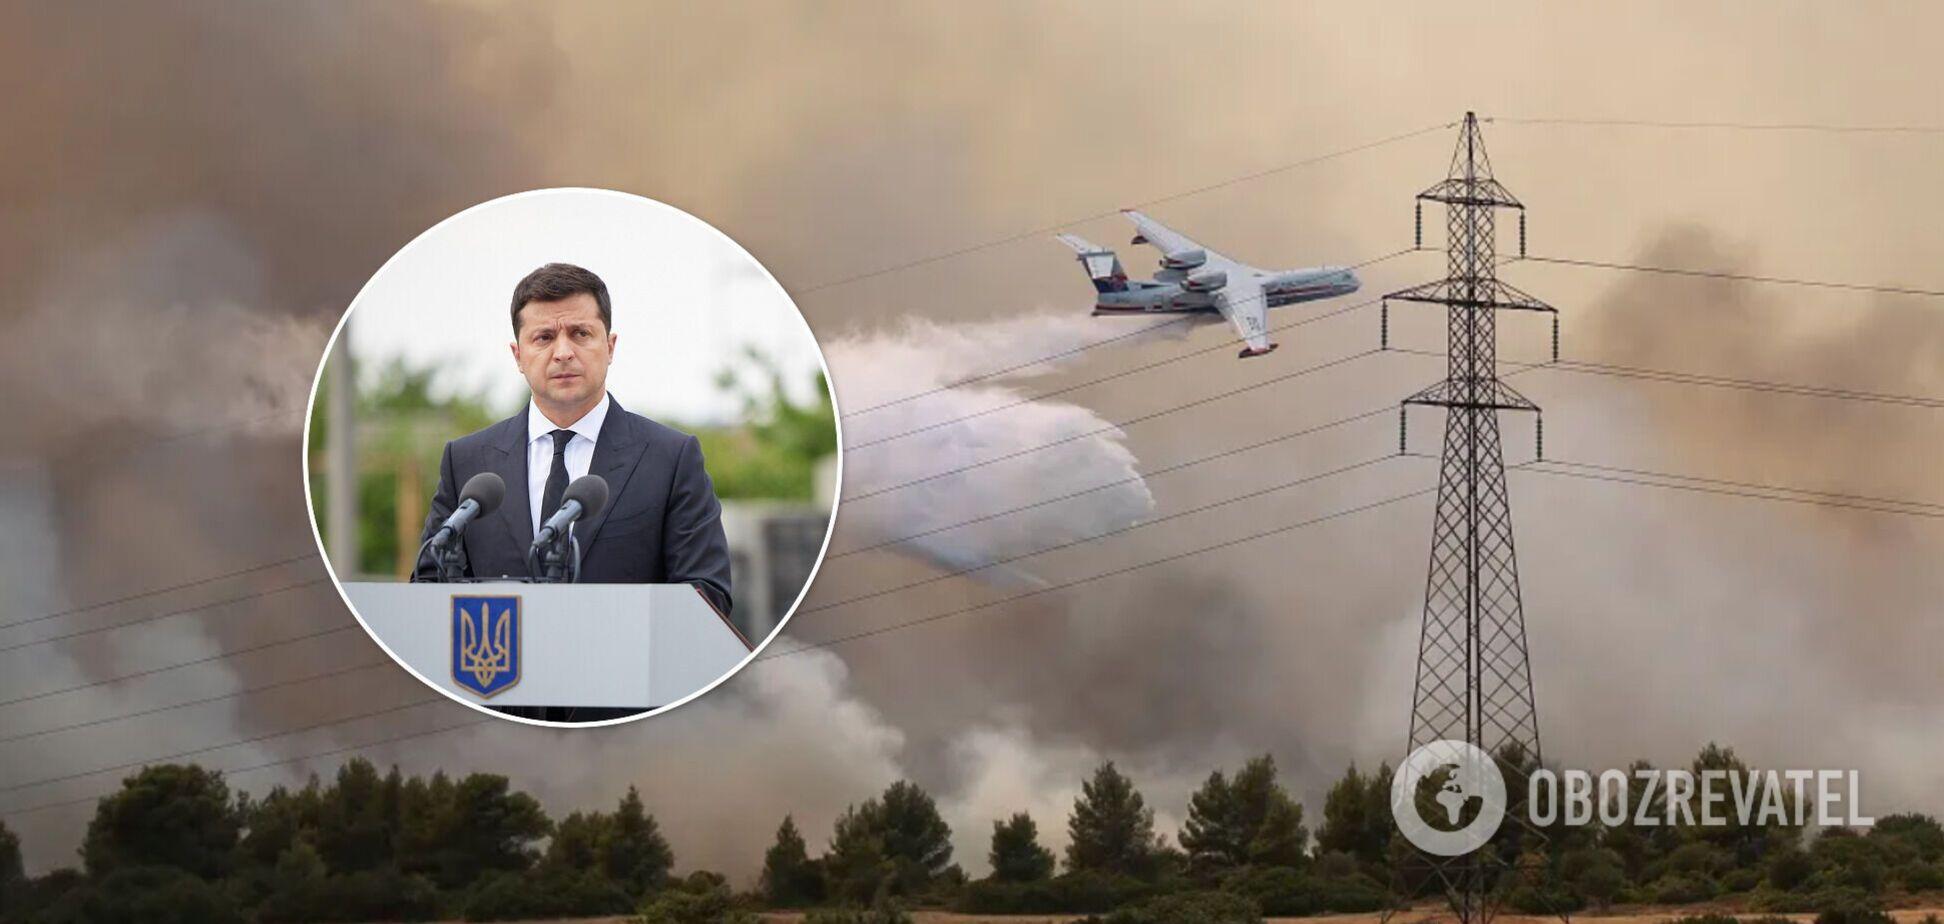 Україна допоможе Греції в гасінні лісових пожеж, – Зеленський